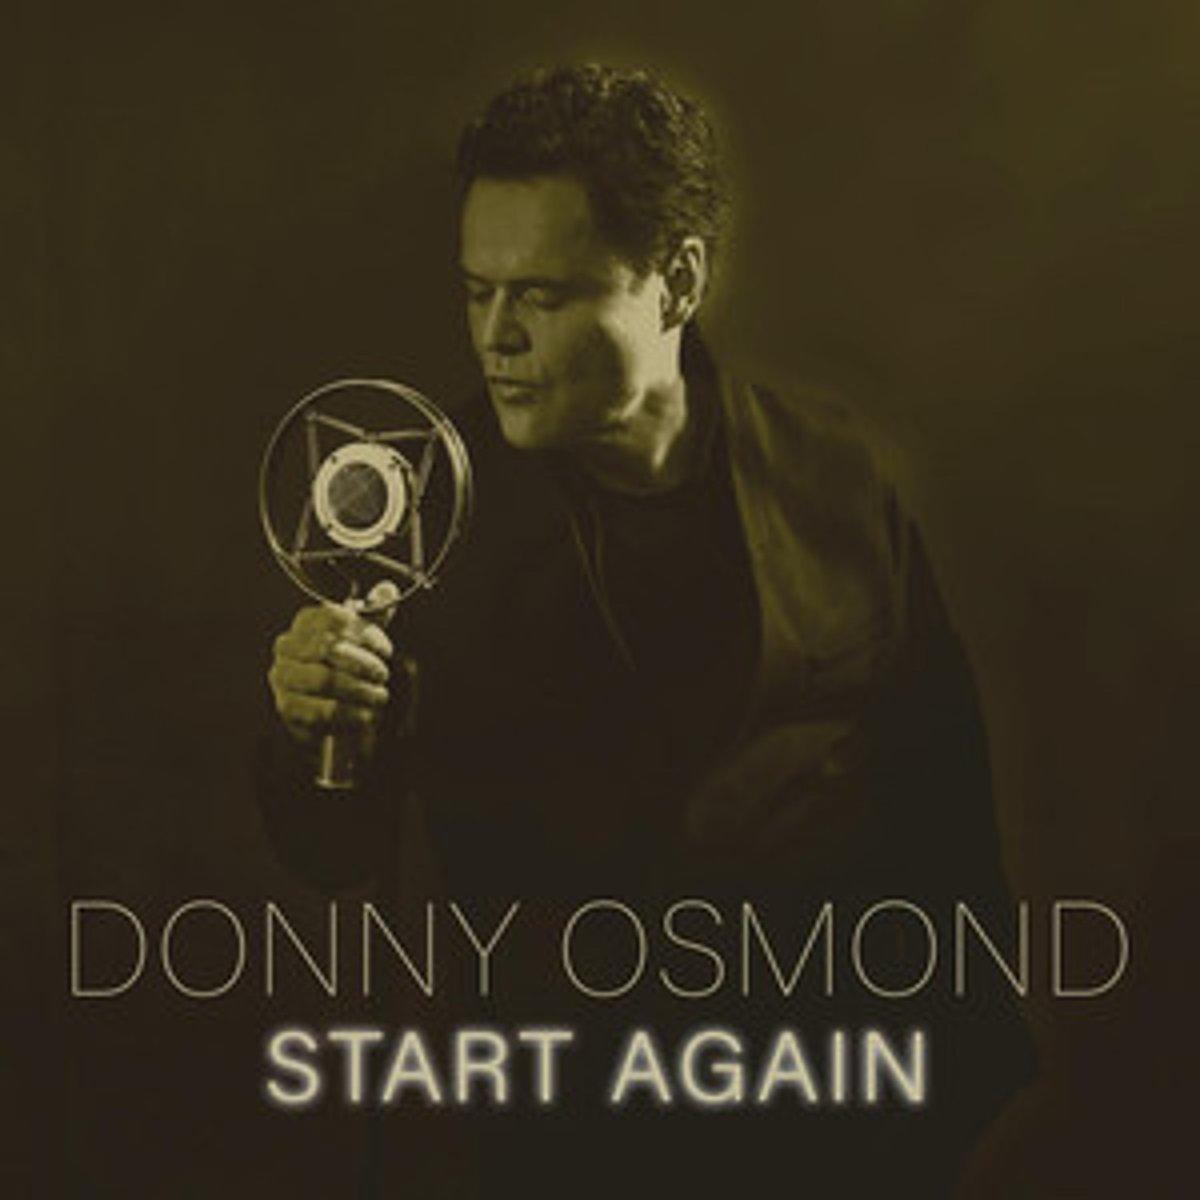 Start Again - Donny Osmond - Musik - BMG Rights Management LLC - 4050538707670 - September 10, 2021